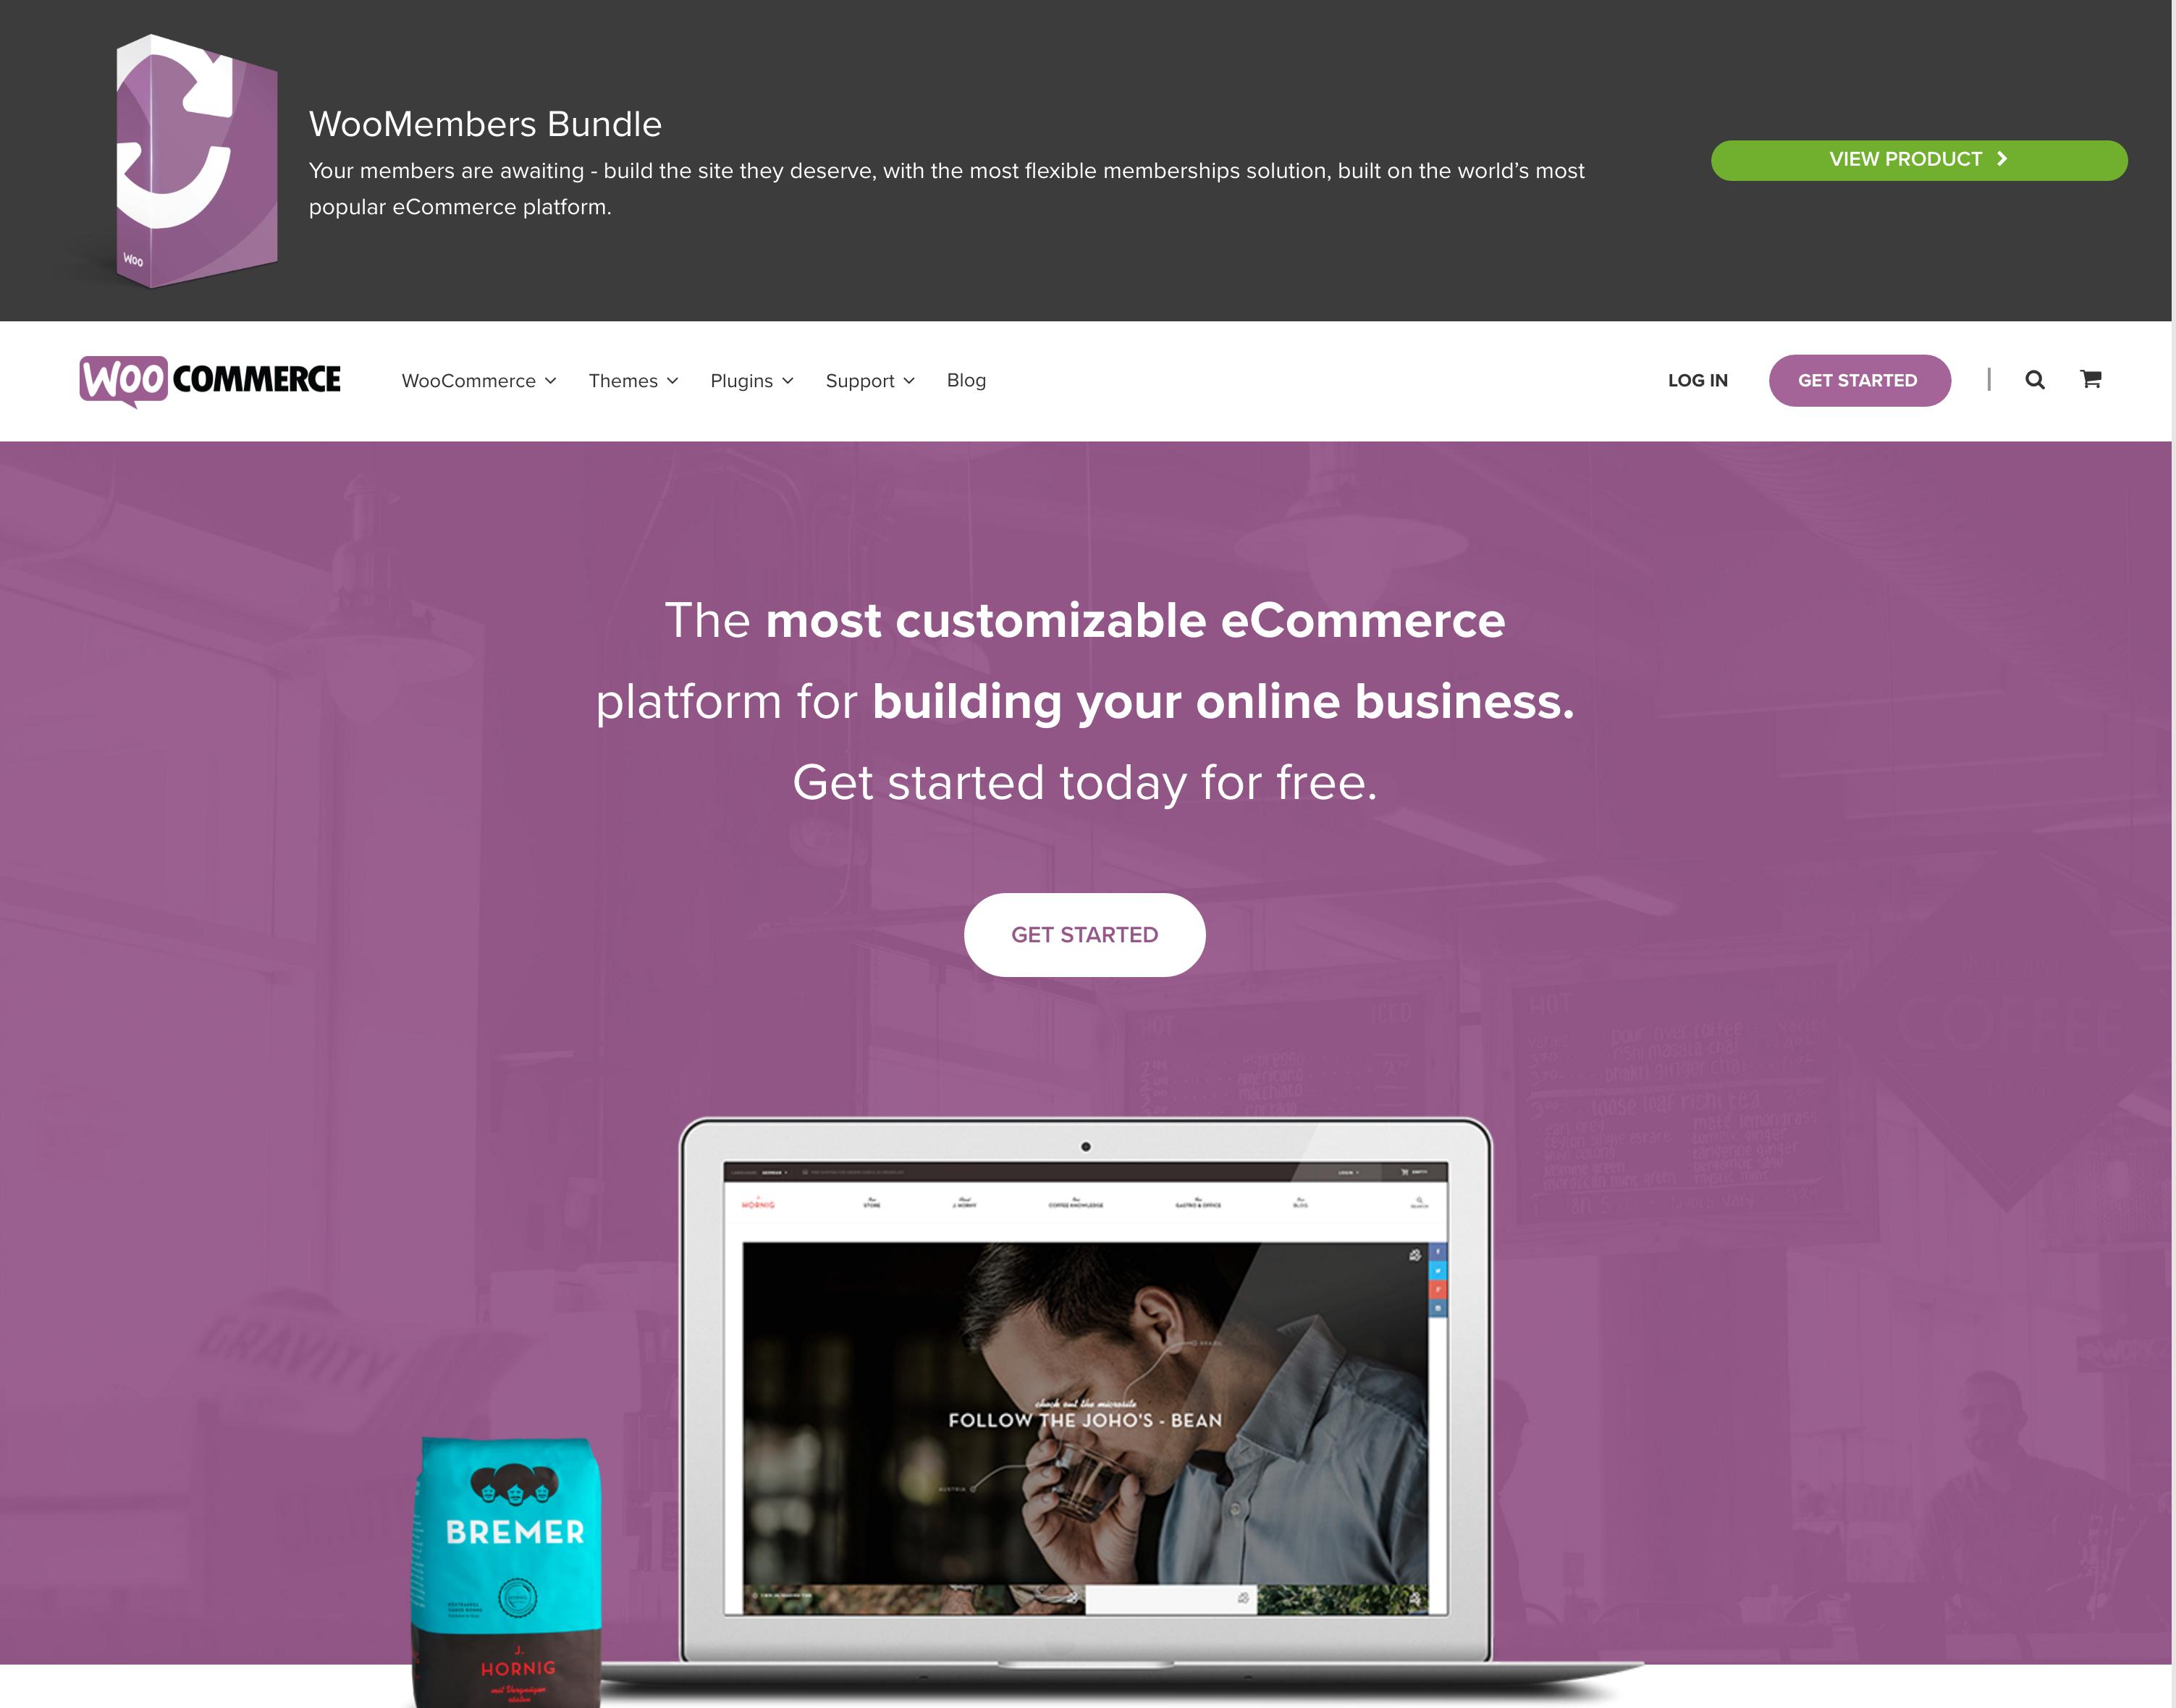 WooCommerce eCommerce Example